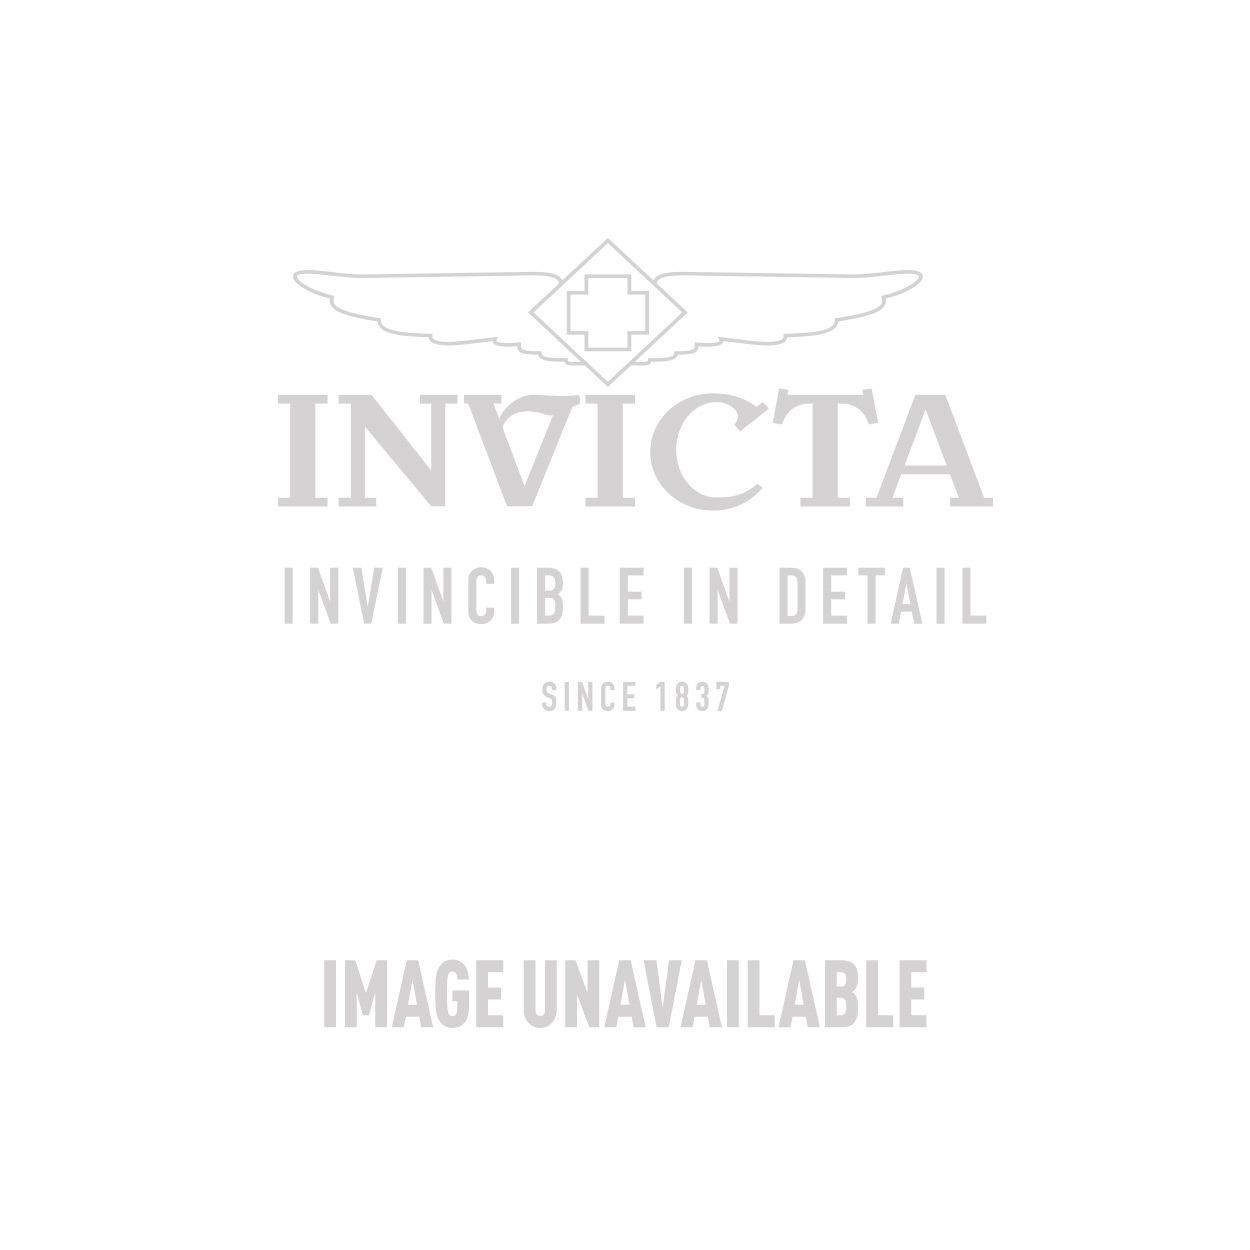 Invicta Model 27699